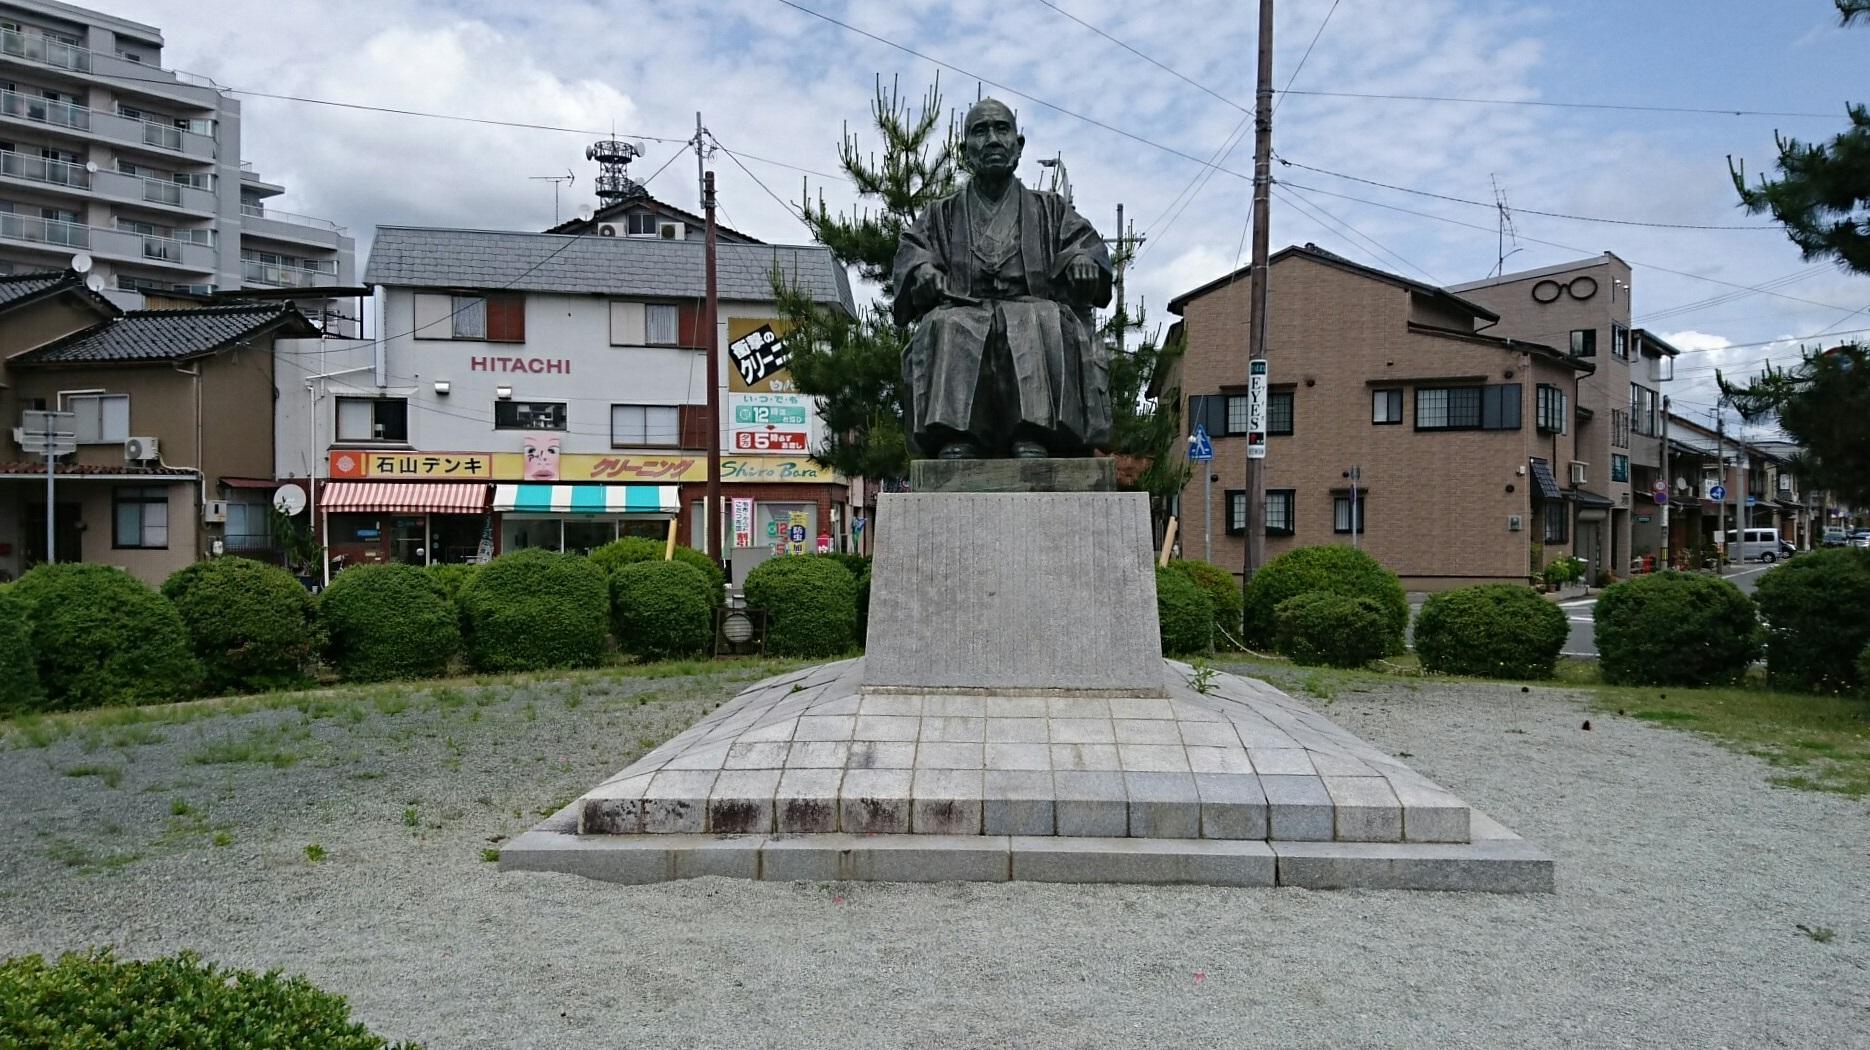 2017.6.3 豊岡 (78) 中江種造翁寿像 1870-1050